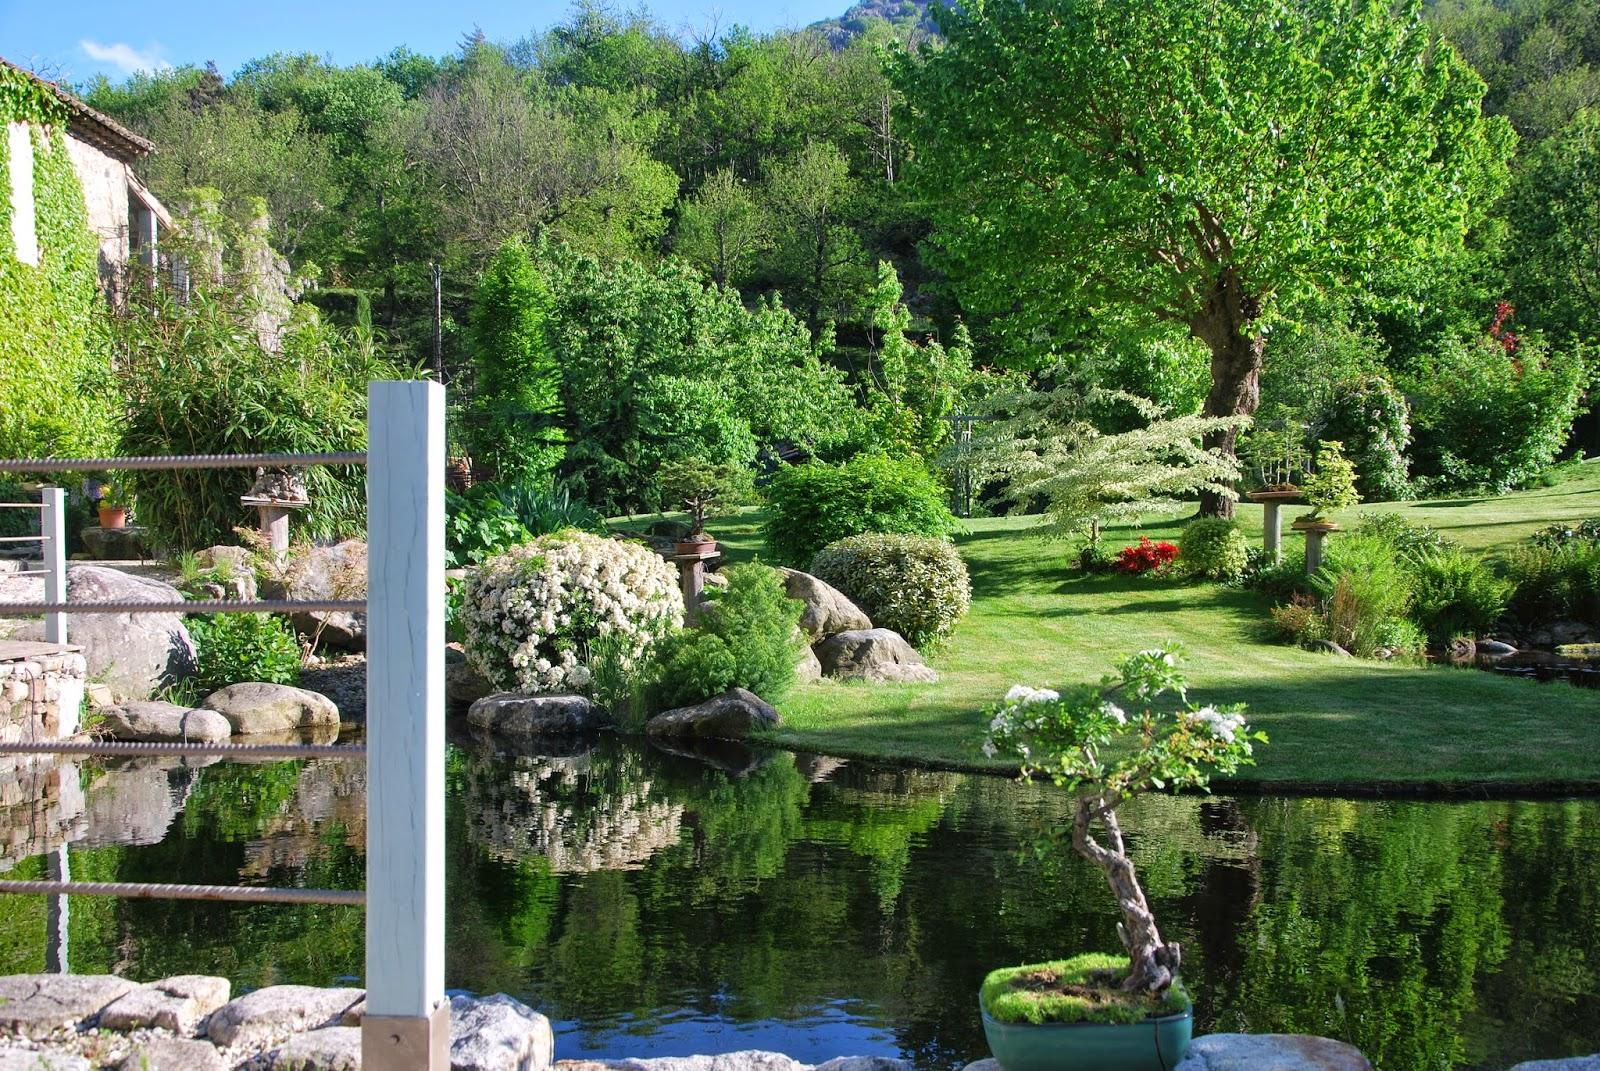 Le violon des ruisseaux jardin japonais for Image jardin japonais